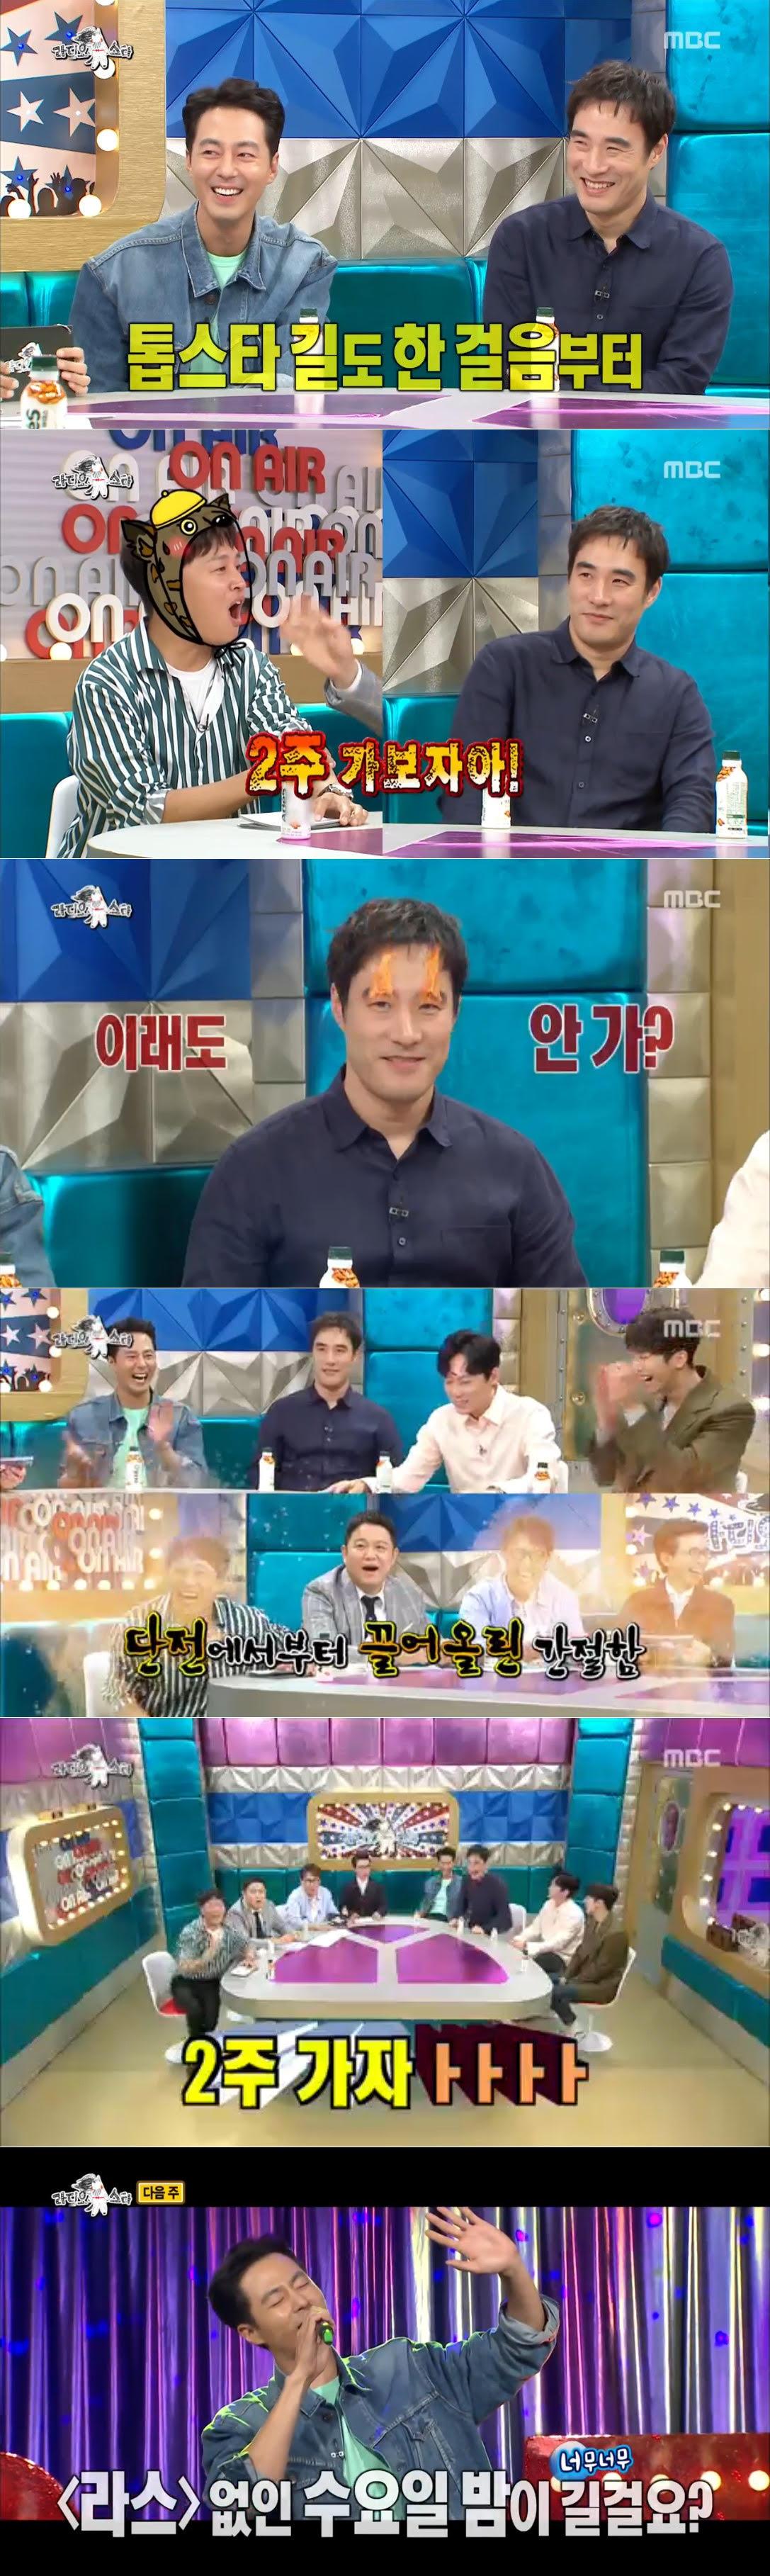 '라스' 조인성부터 남주혁까지, '2주 특집' 쟁취한 토크 장수들